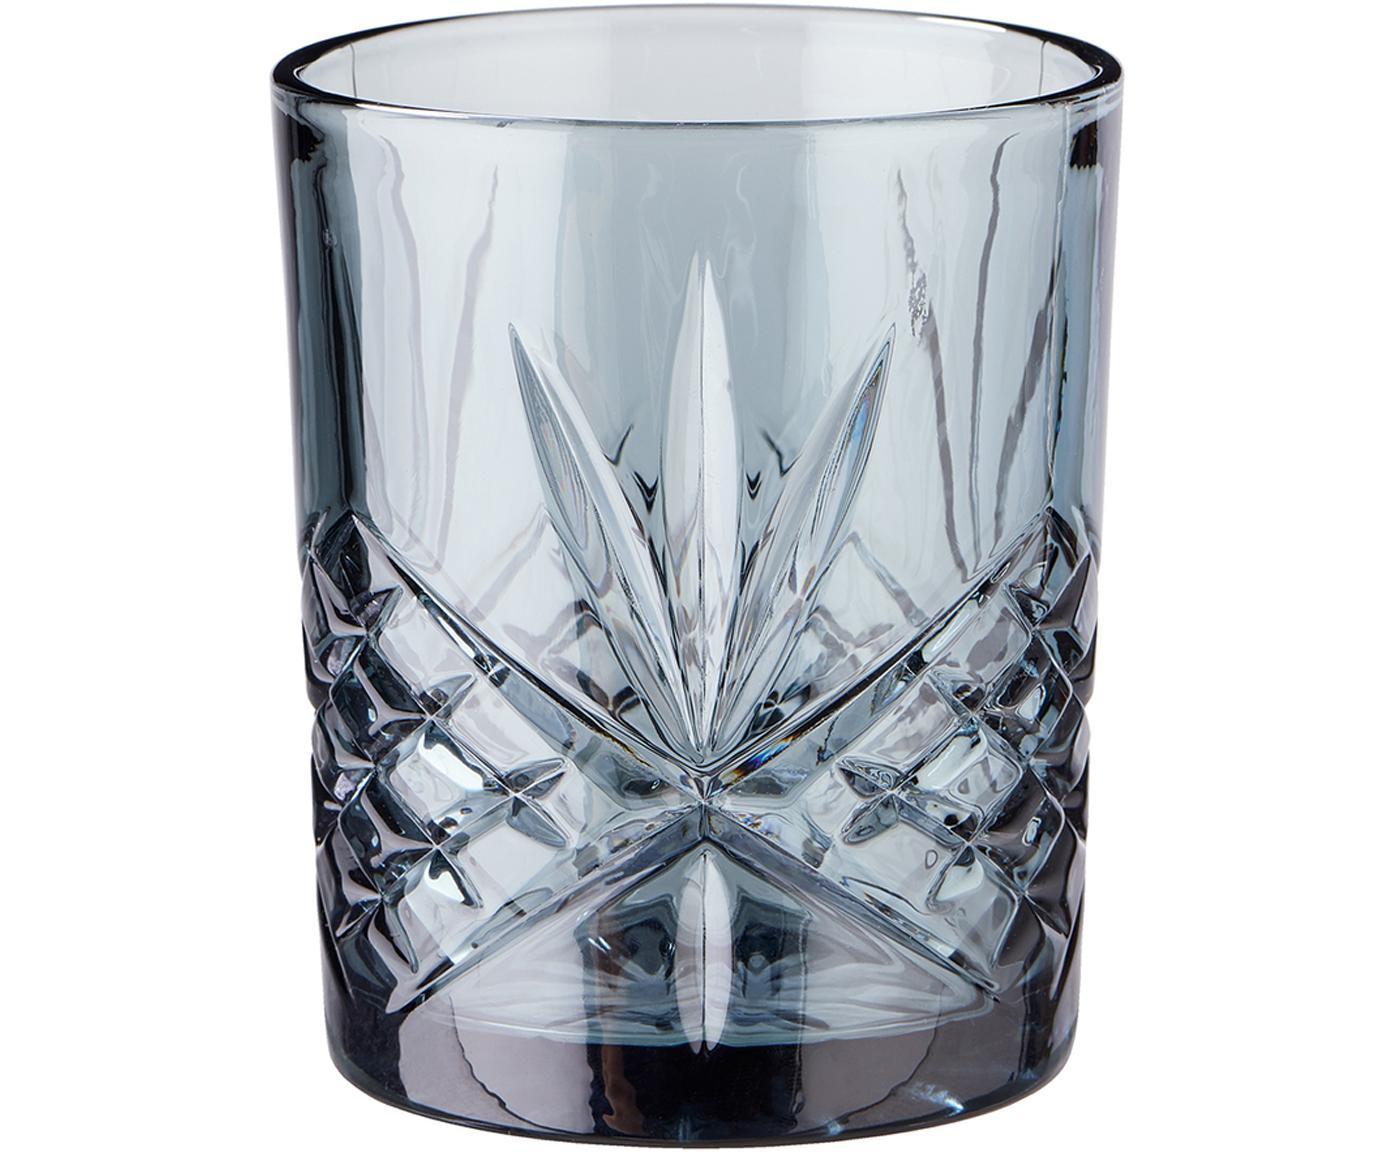 Vasos con relieve de cristal Crystal Club, 4uds., Vidrio, Gris azulado, Ø 8 x Al 10 cm